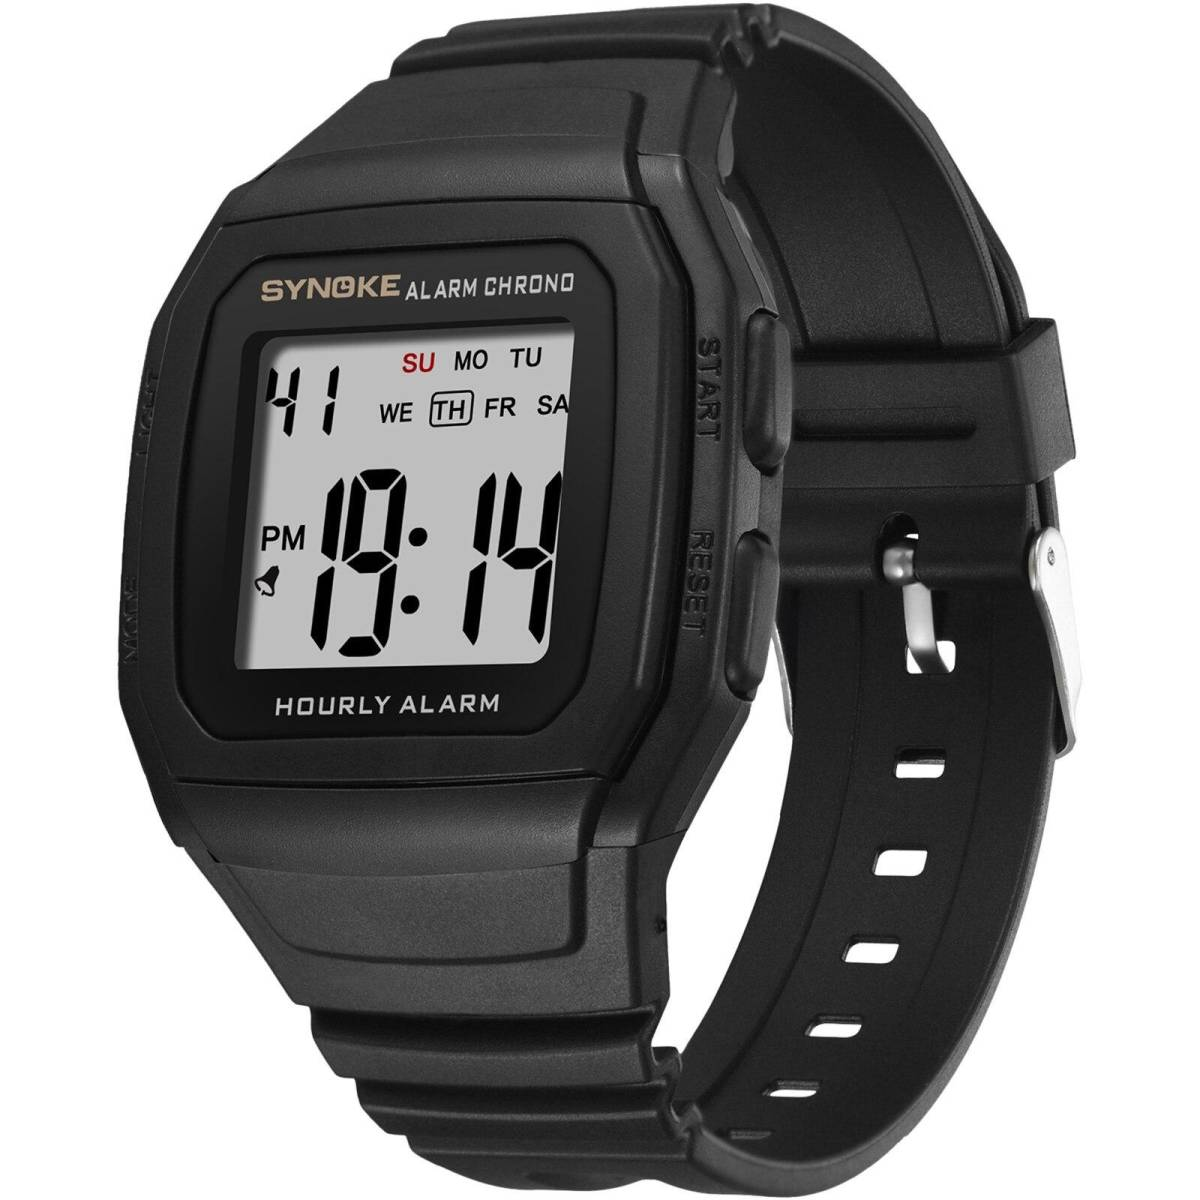 ●1円スタート ★メンズ腕時計 スポーツ腕時計 防水 ストップウォッチ機能 227_画像2